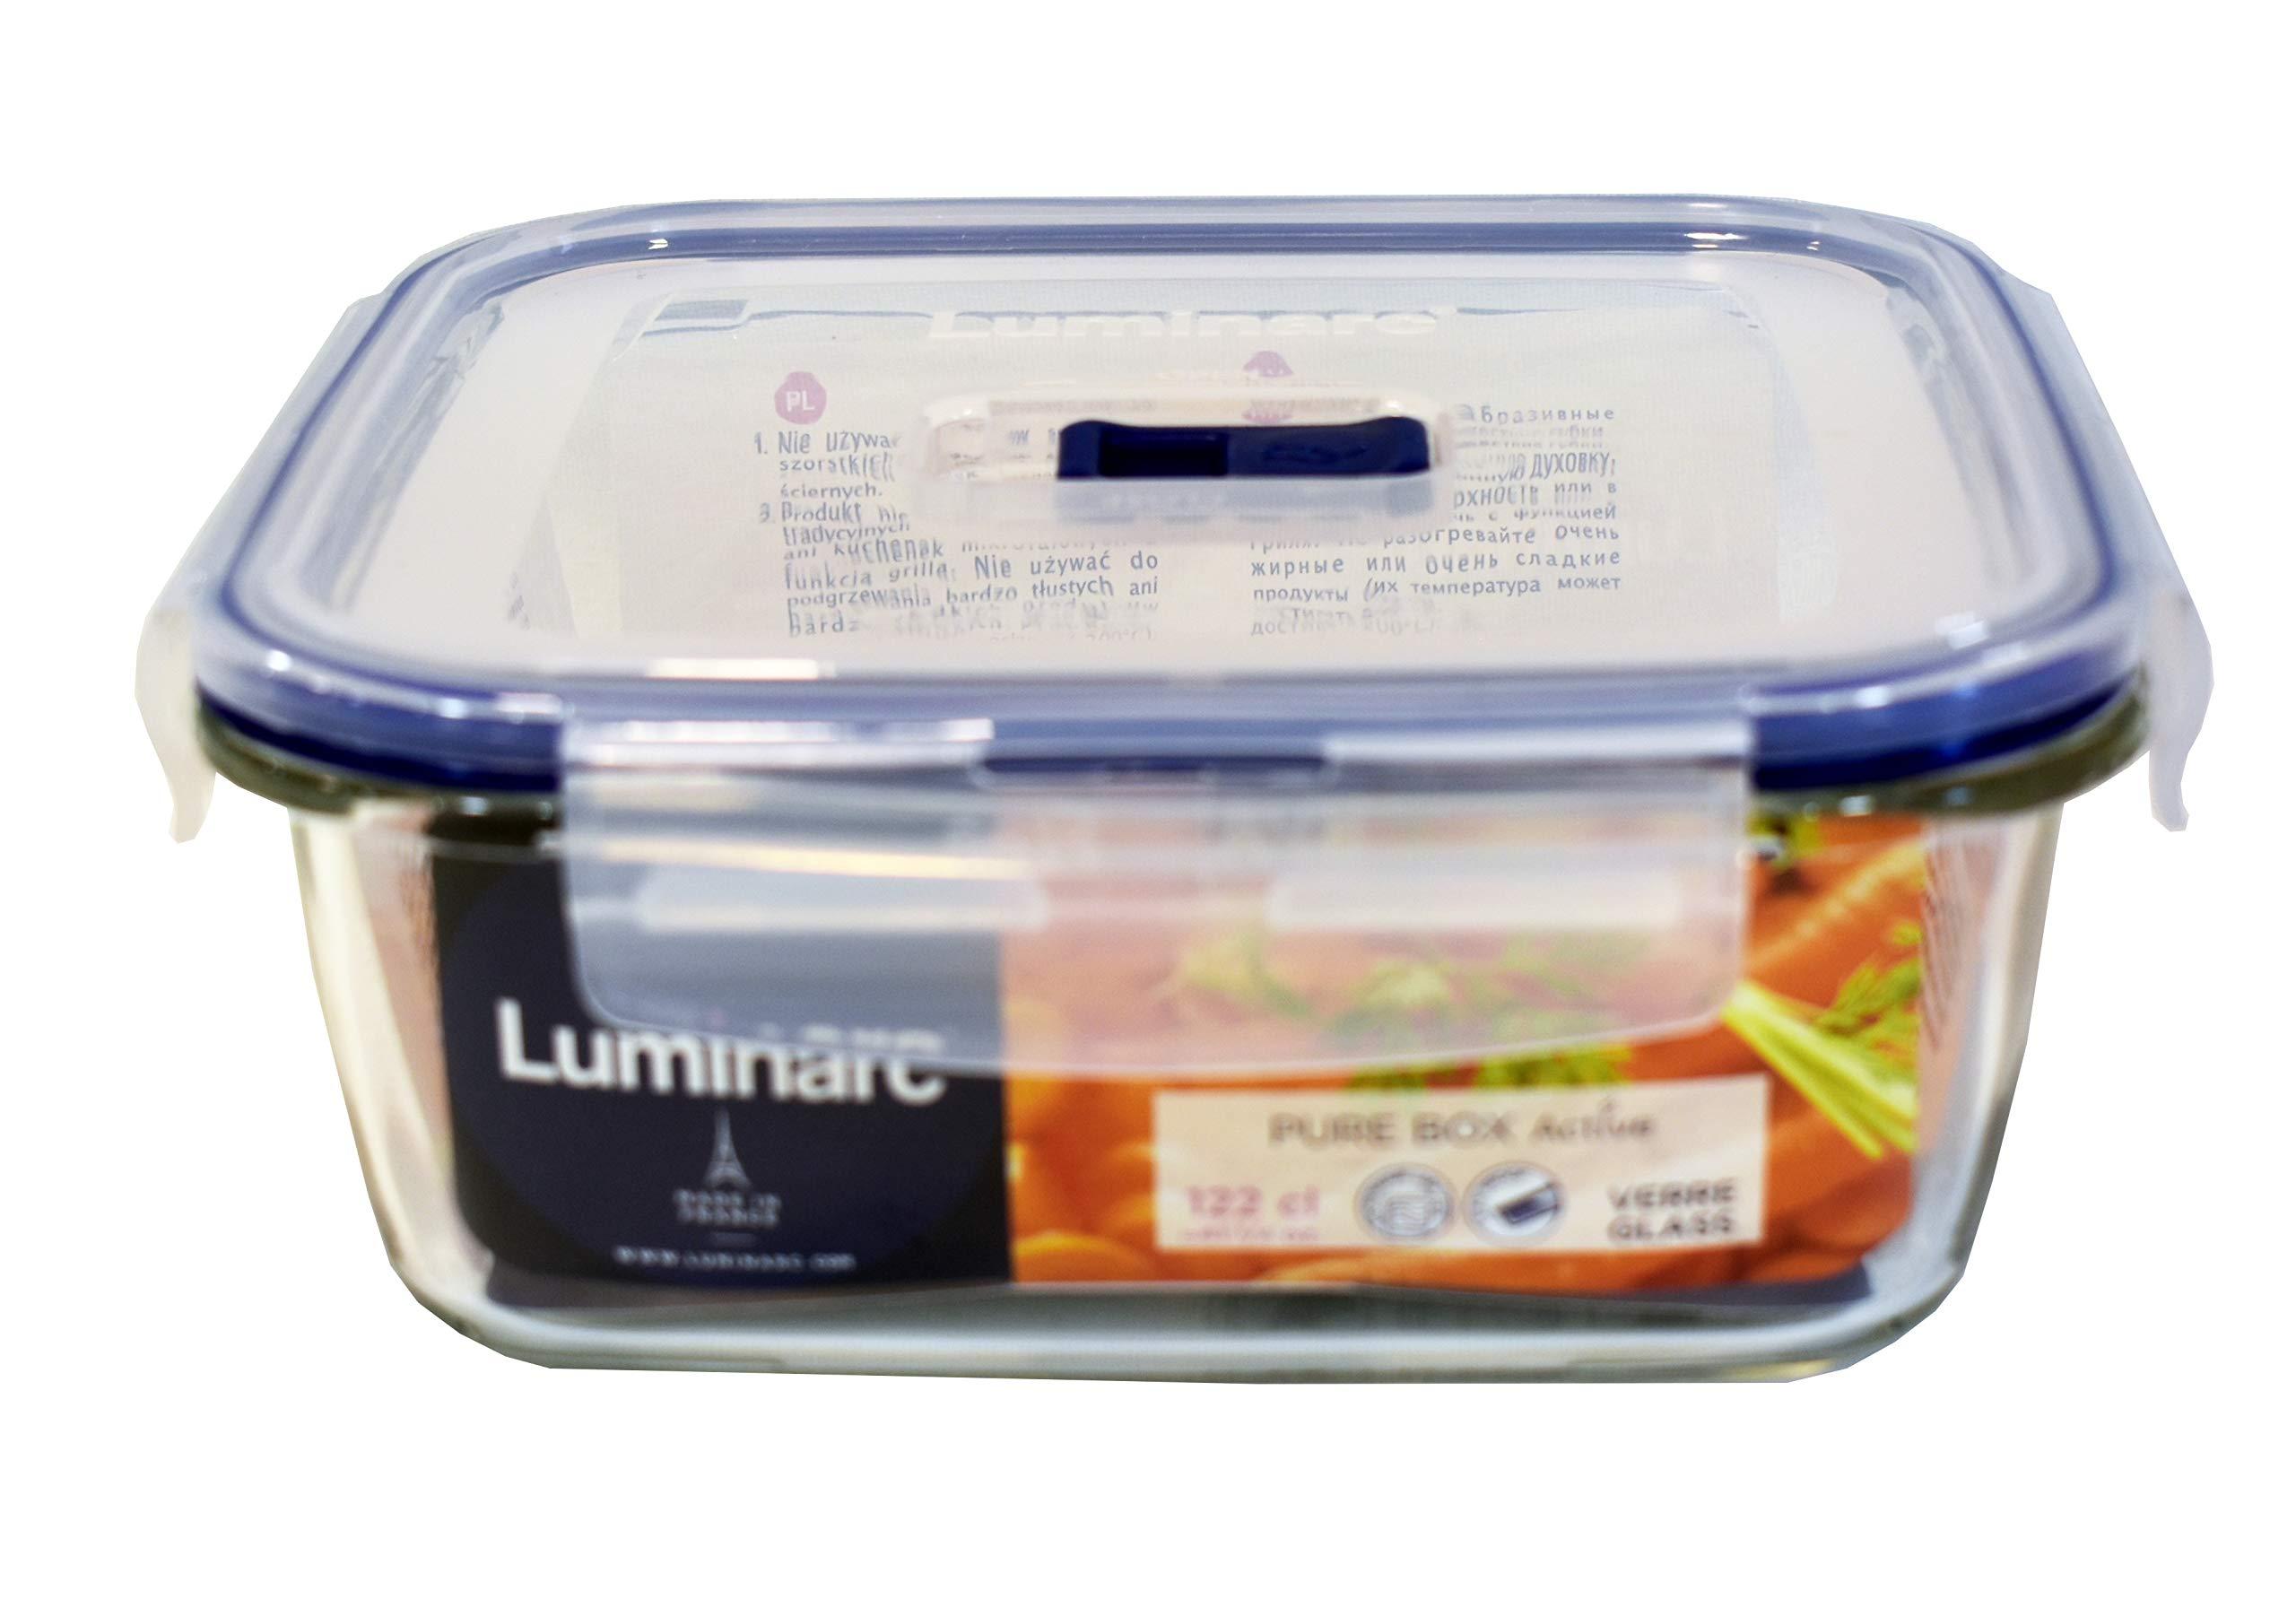 Luminarc Pure Box Active - Recipiente hermético de vidrio, cuadrado, tamaño 1,22